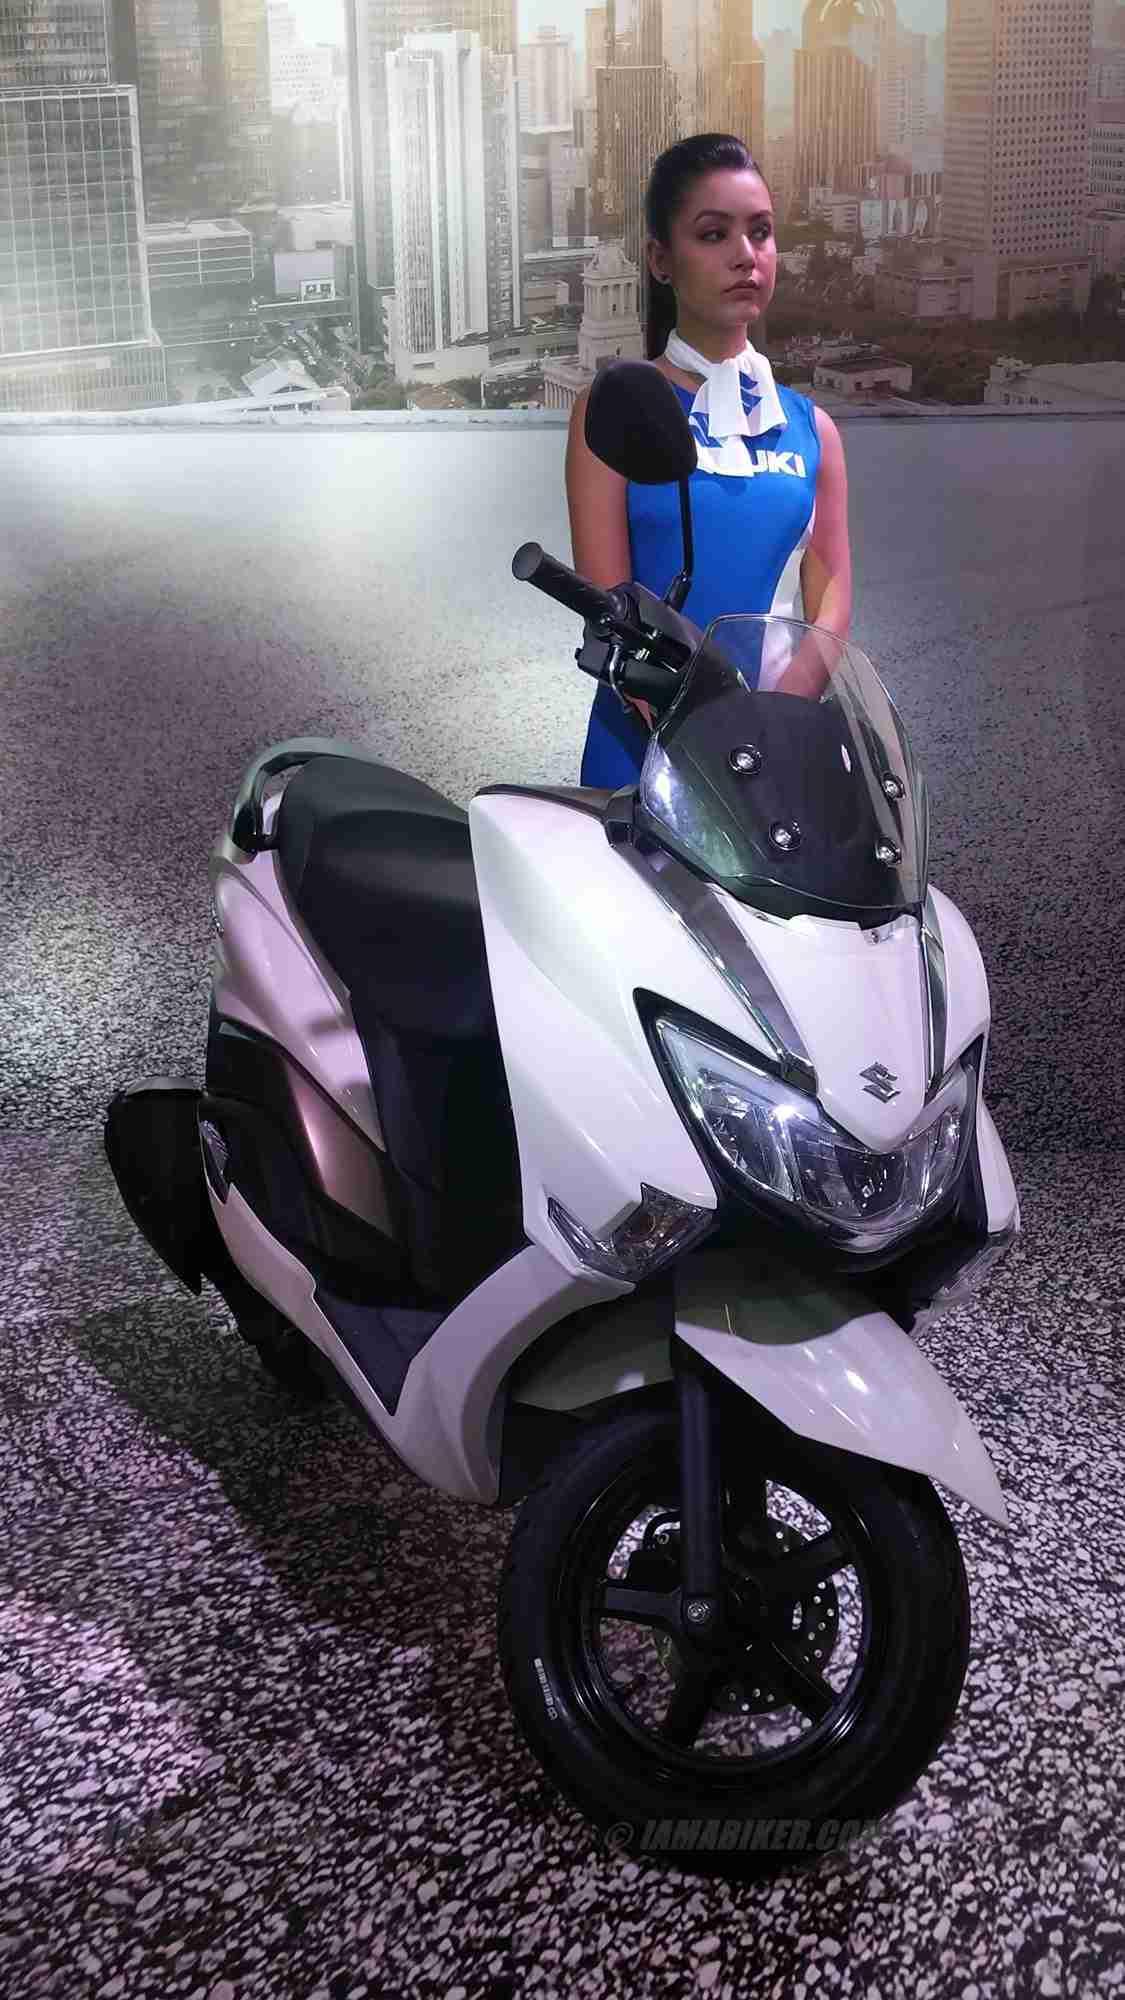 Harley Street 500 >> Suzuki Burgman Street white | IAMABIKER